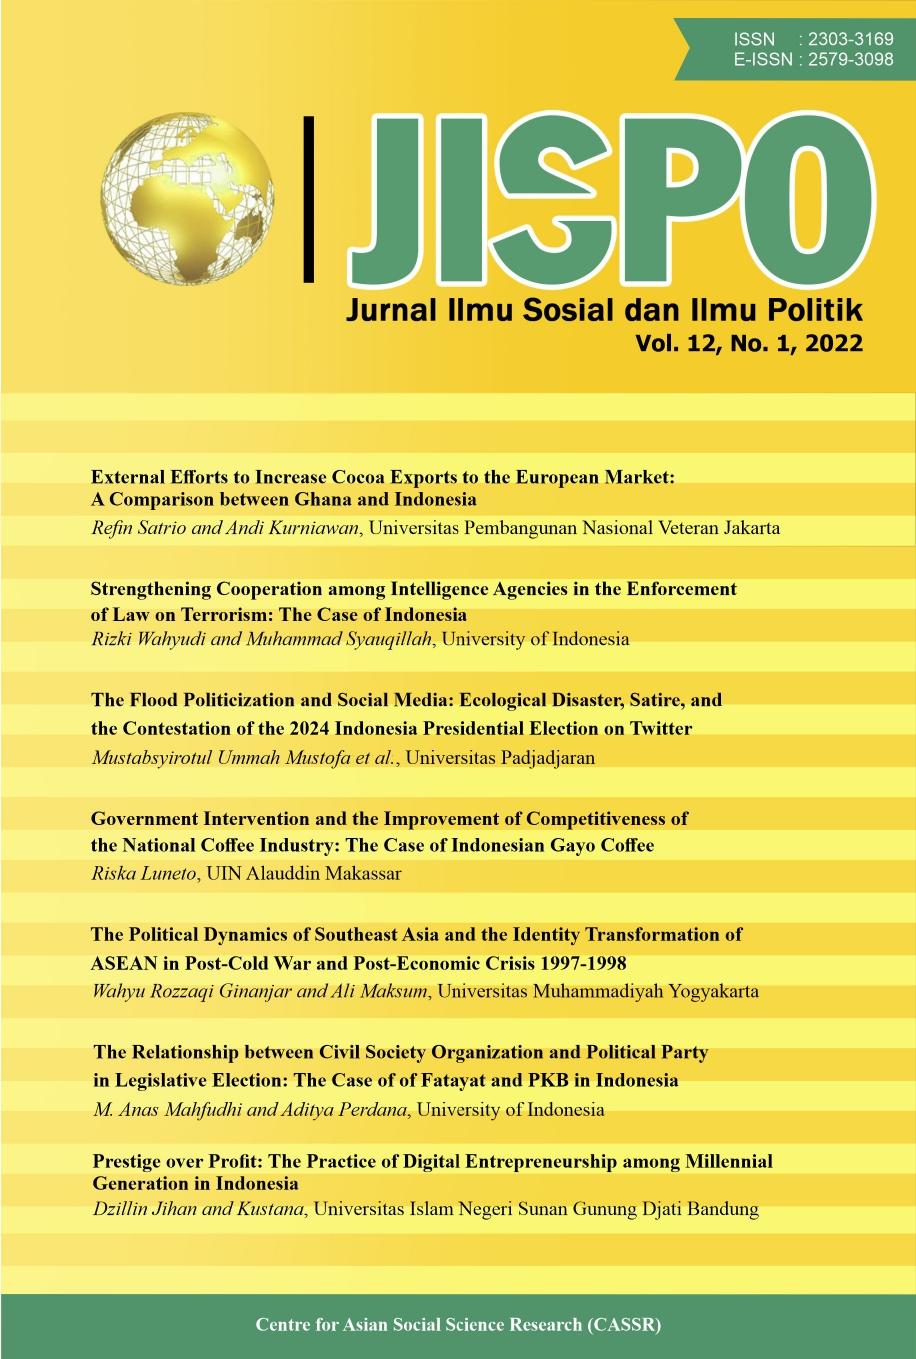 JISPO Jurnal Ilmu Sosial dan Ilmu Politik